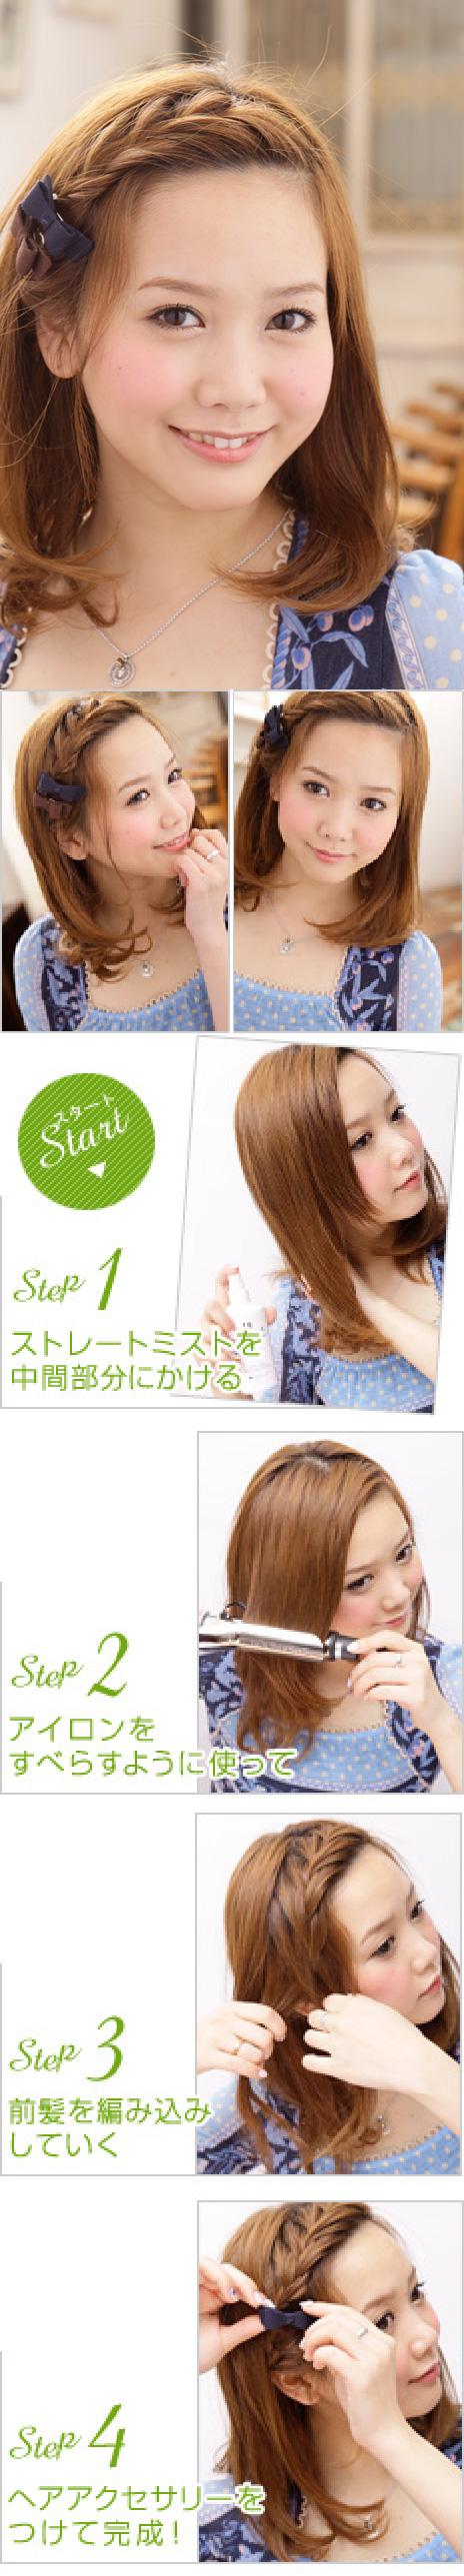 大人可愛い雰囲気の前髪編み込み 編み込み ヘアスタイル ロング 前髪